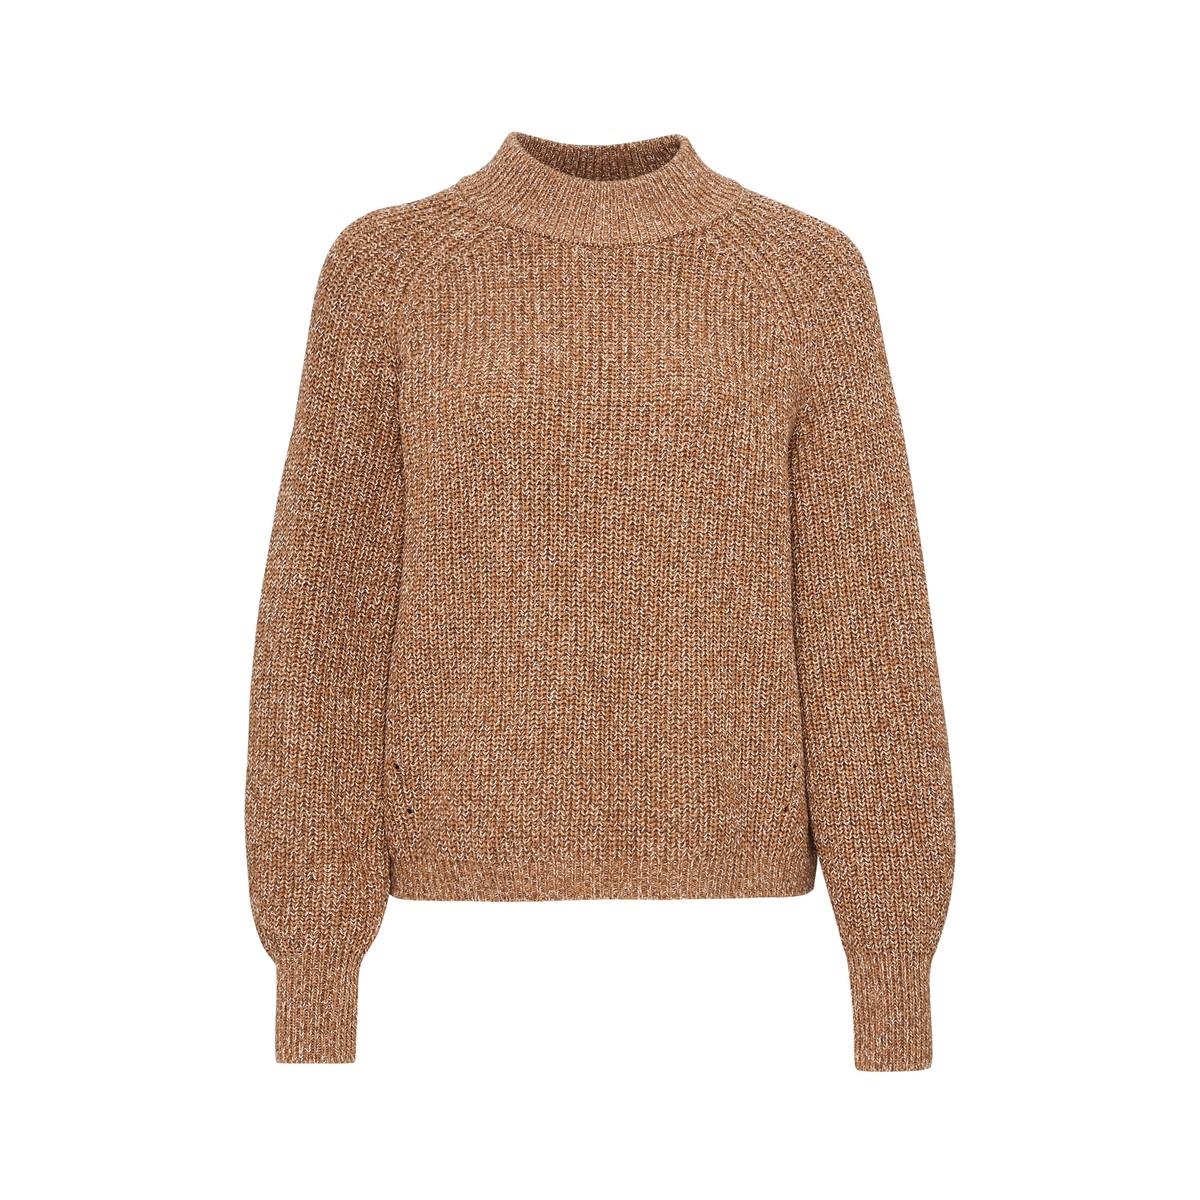 Artikel klicken und genauer betrachten! - Der Pullover aus reiner BCI Baumwolle überzeugt durch die Two-Tone Optik, die ein dynamisches Design schafft. Das schmale Bündchen am Saum, im Kombination mit dem weiter geschnittenem Raglan-Ärmel verleihen dem Pullover eine leicht voluminöse Passform. Der angedeutete Kragen wärmt nicht nur, sondern rundet den leicht runden Fit nach oben hin sehr gut ab.   im Online Shop kaufen